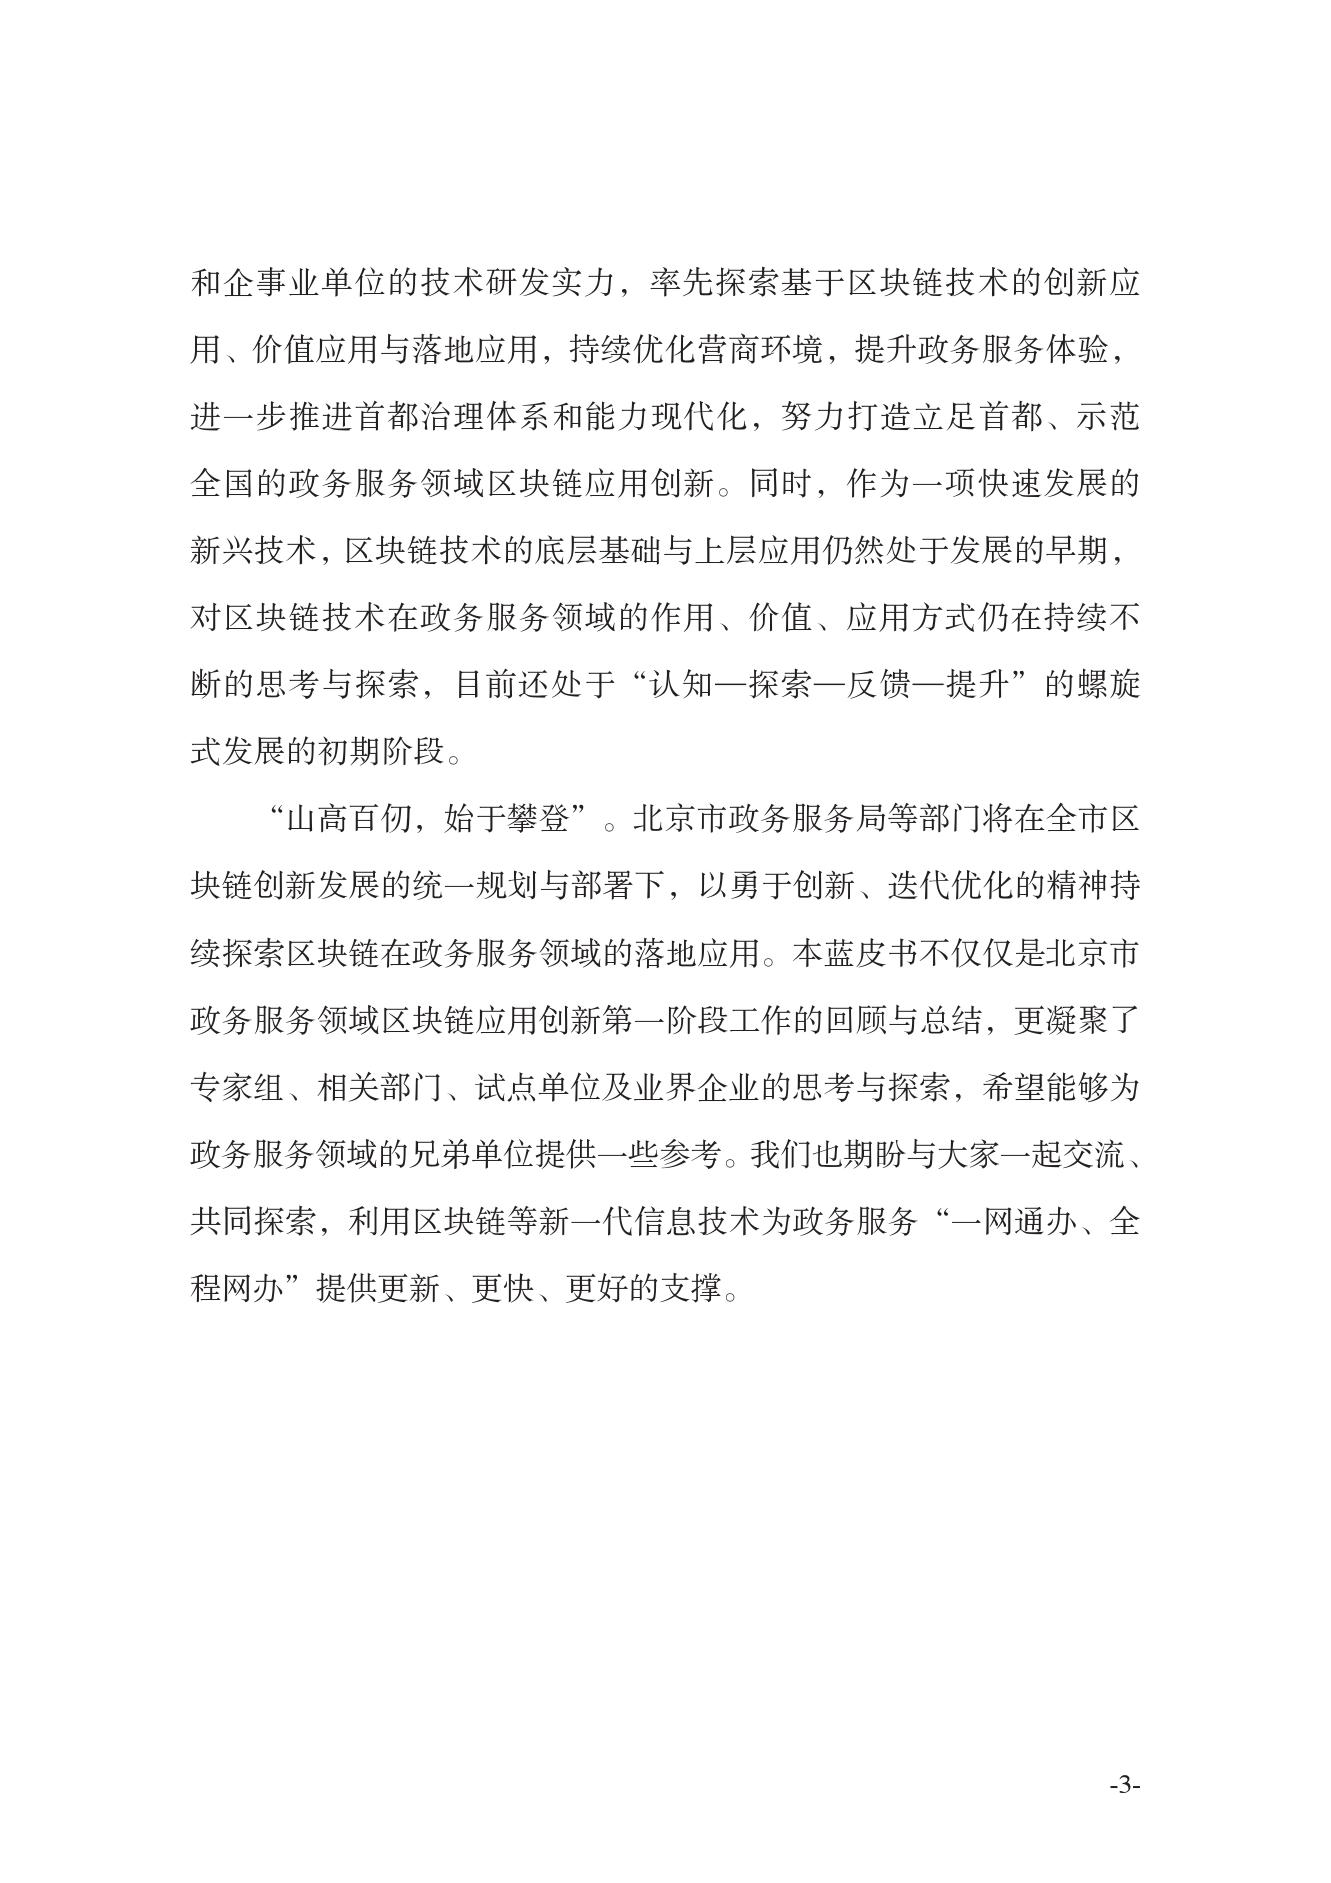 北京市政务服务领域区块链应用创新蓝皮书(可下载报告)插图(11)